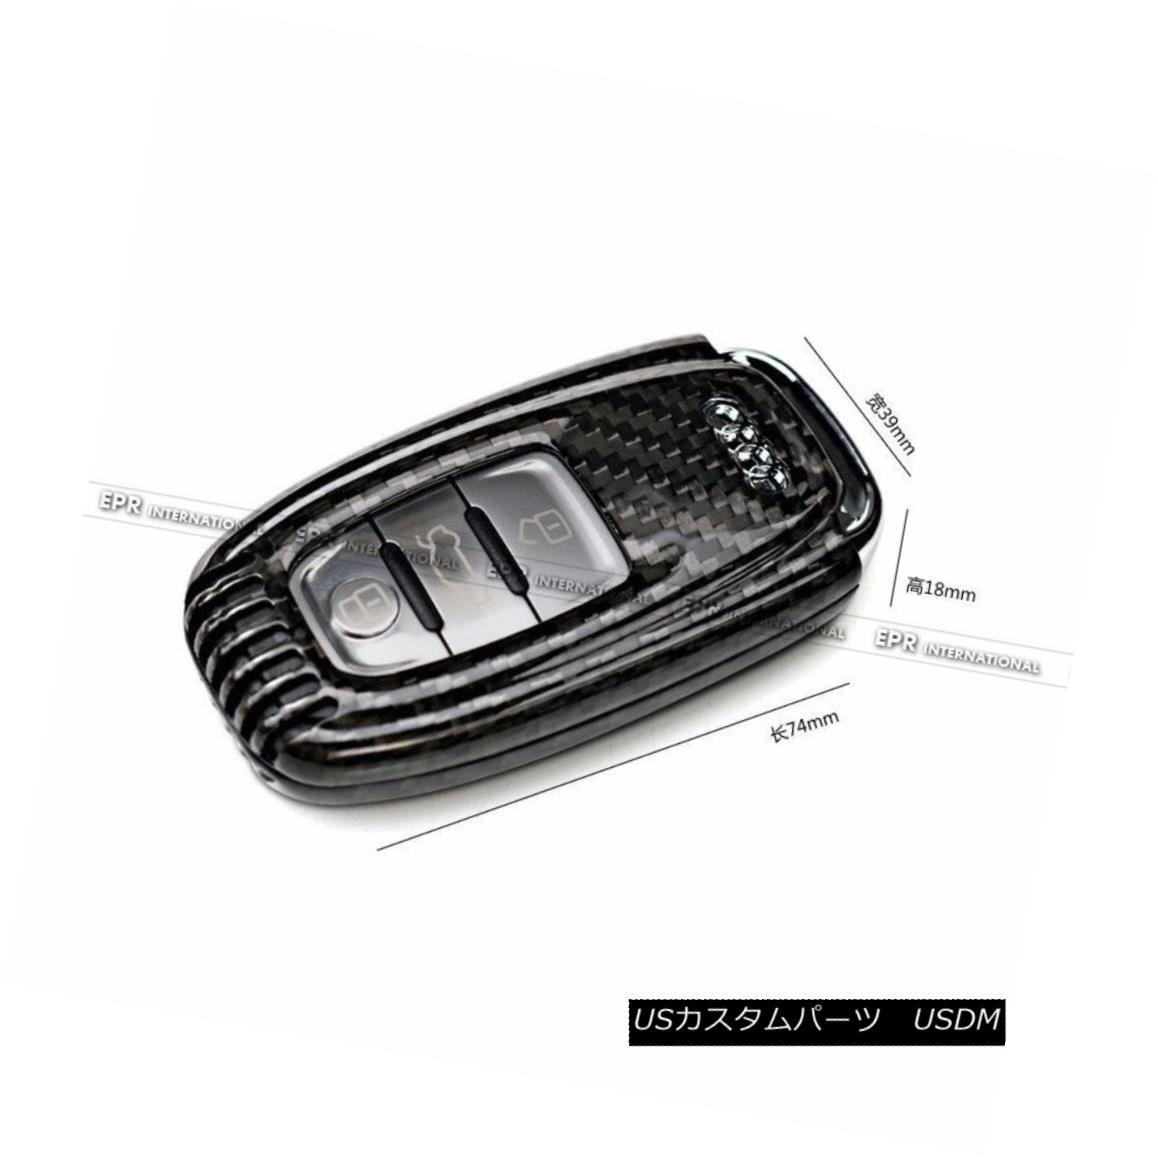 エアロパーツ For Audi A4L A6L Q5 Q7 S6 A7 A8L Dry Carbon Fiber Key Case Holder Cover Shell アウディA4L A6L Q5 Q7 S6 A7 A8L乾式炭素繊維キーケースホルダーカバーシェル